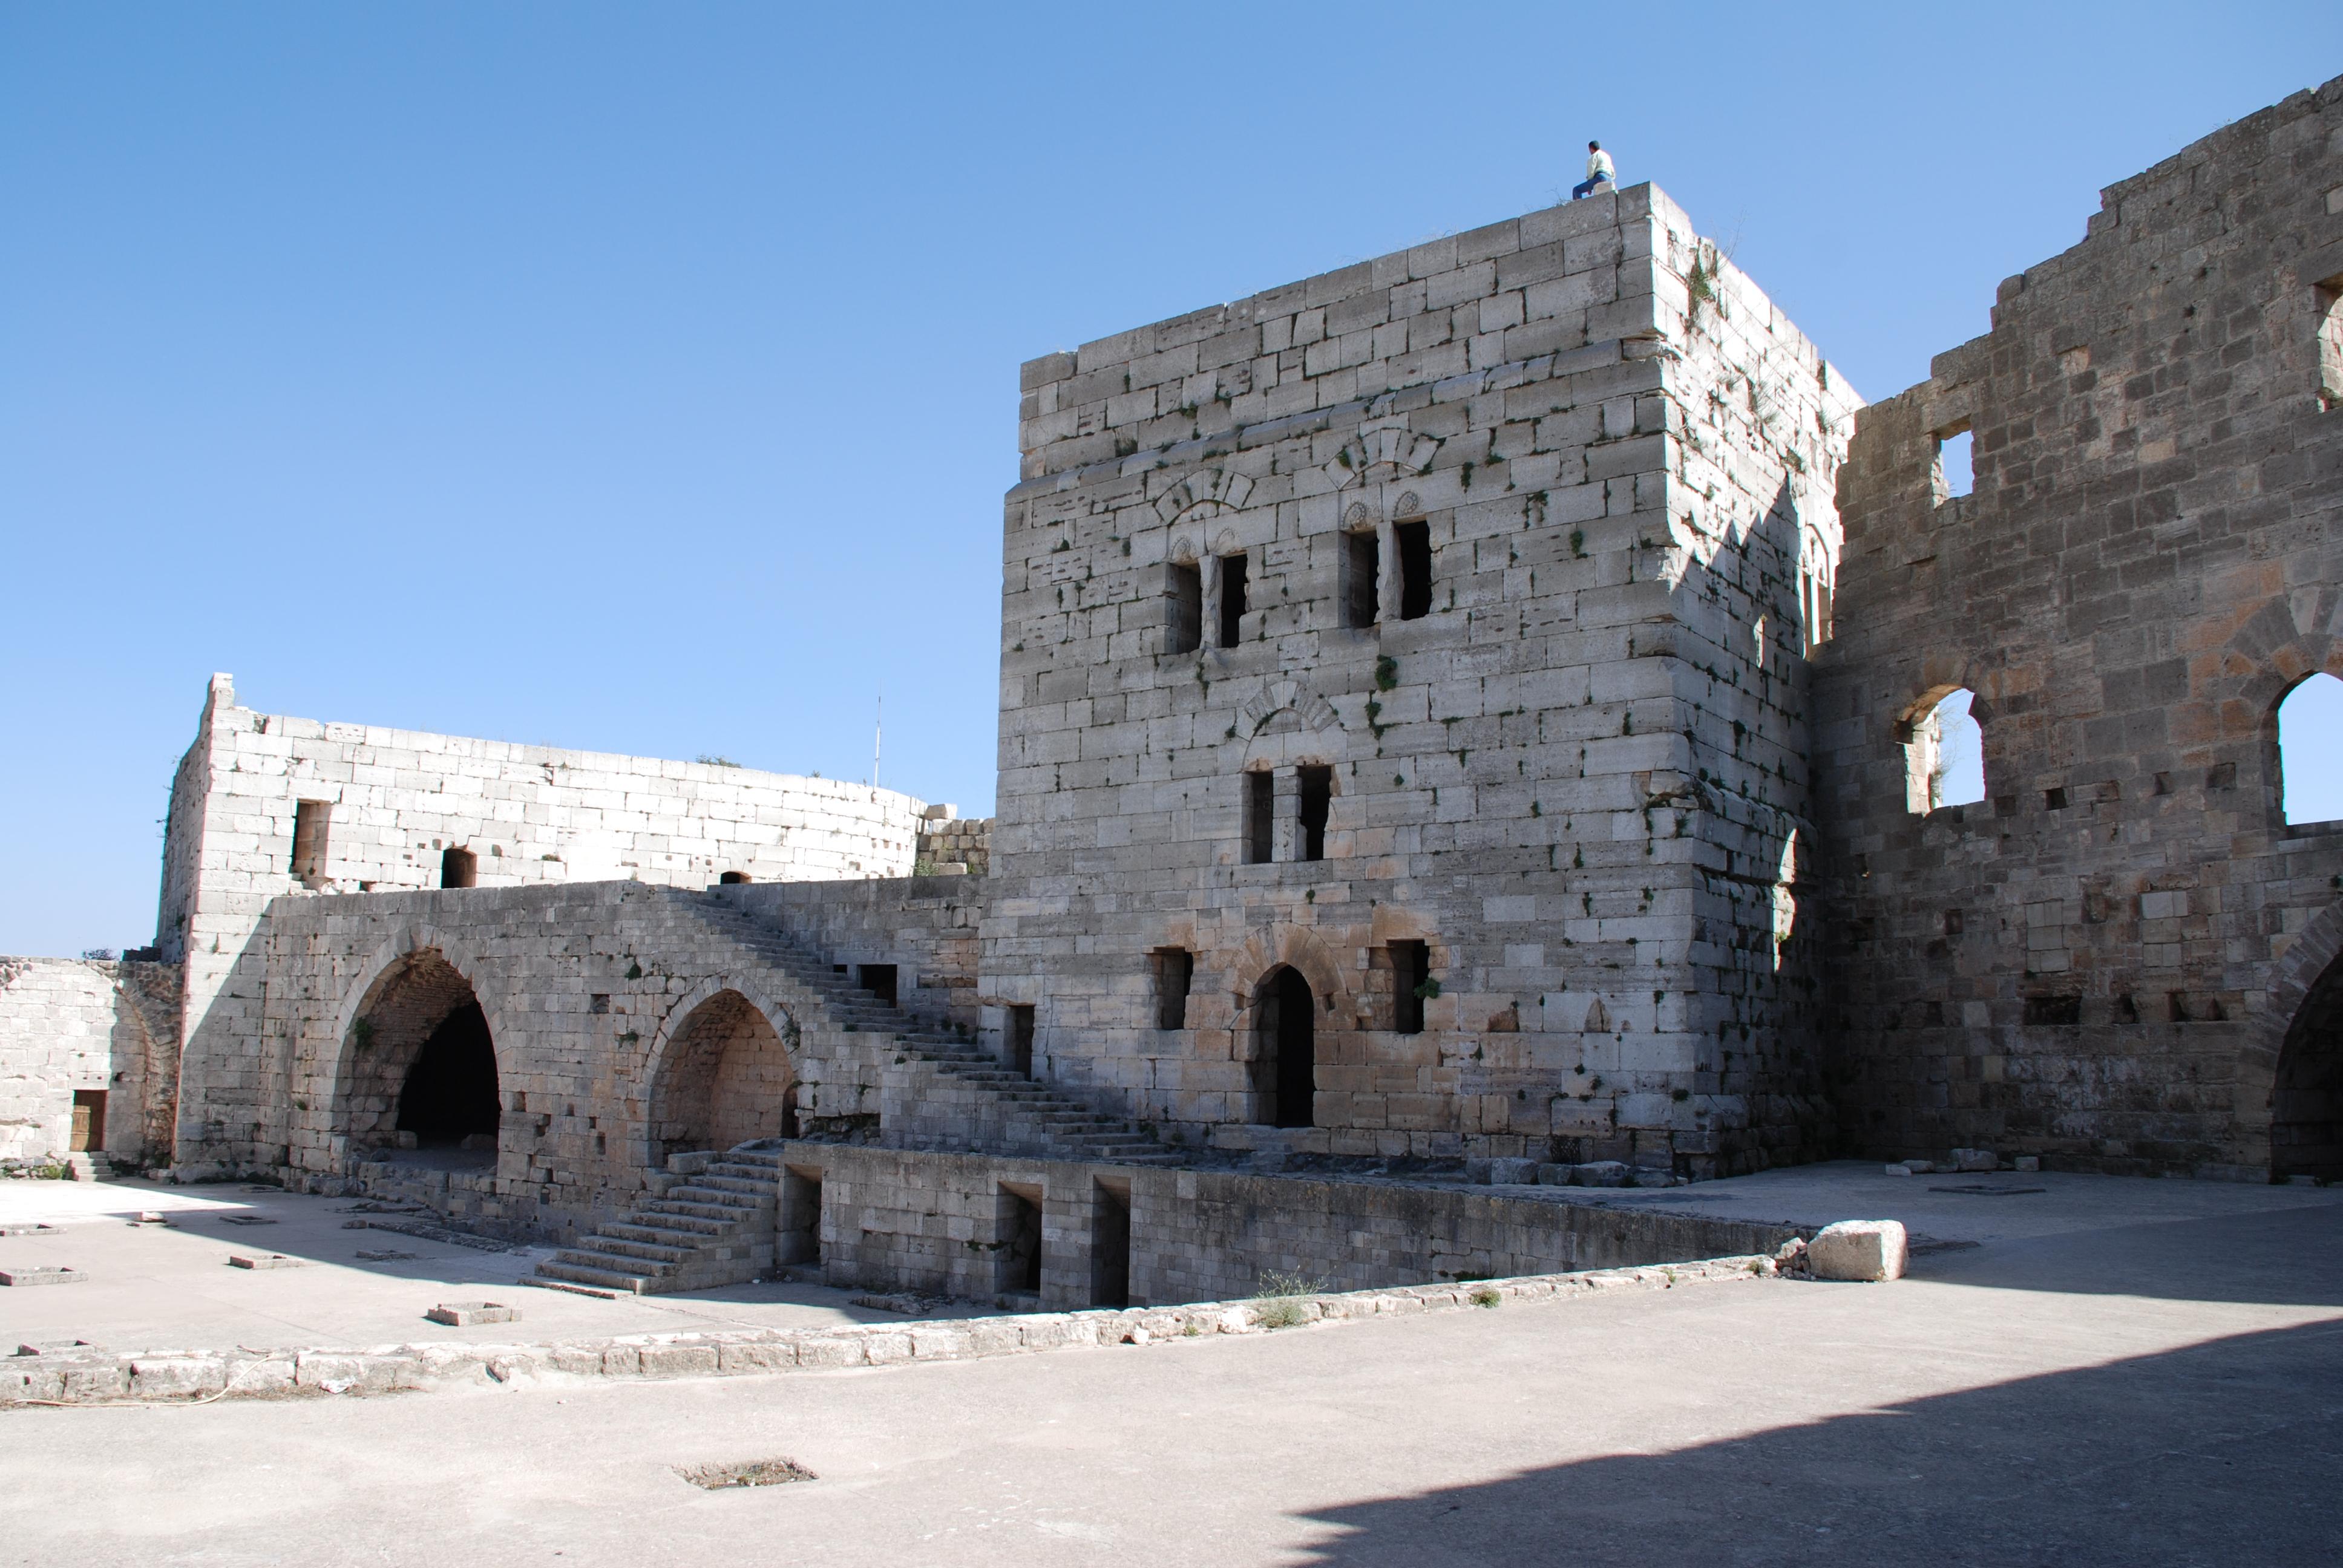 Vista de uno de los edificios del recinto interior